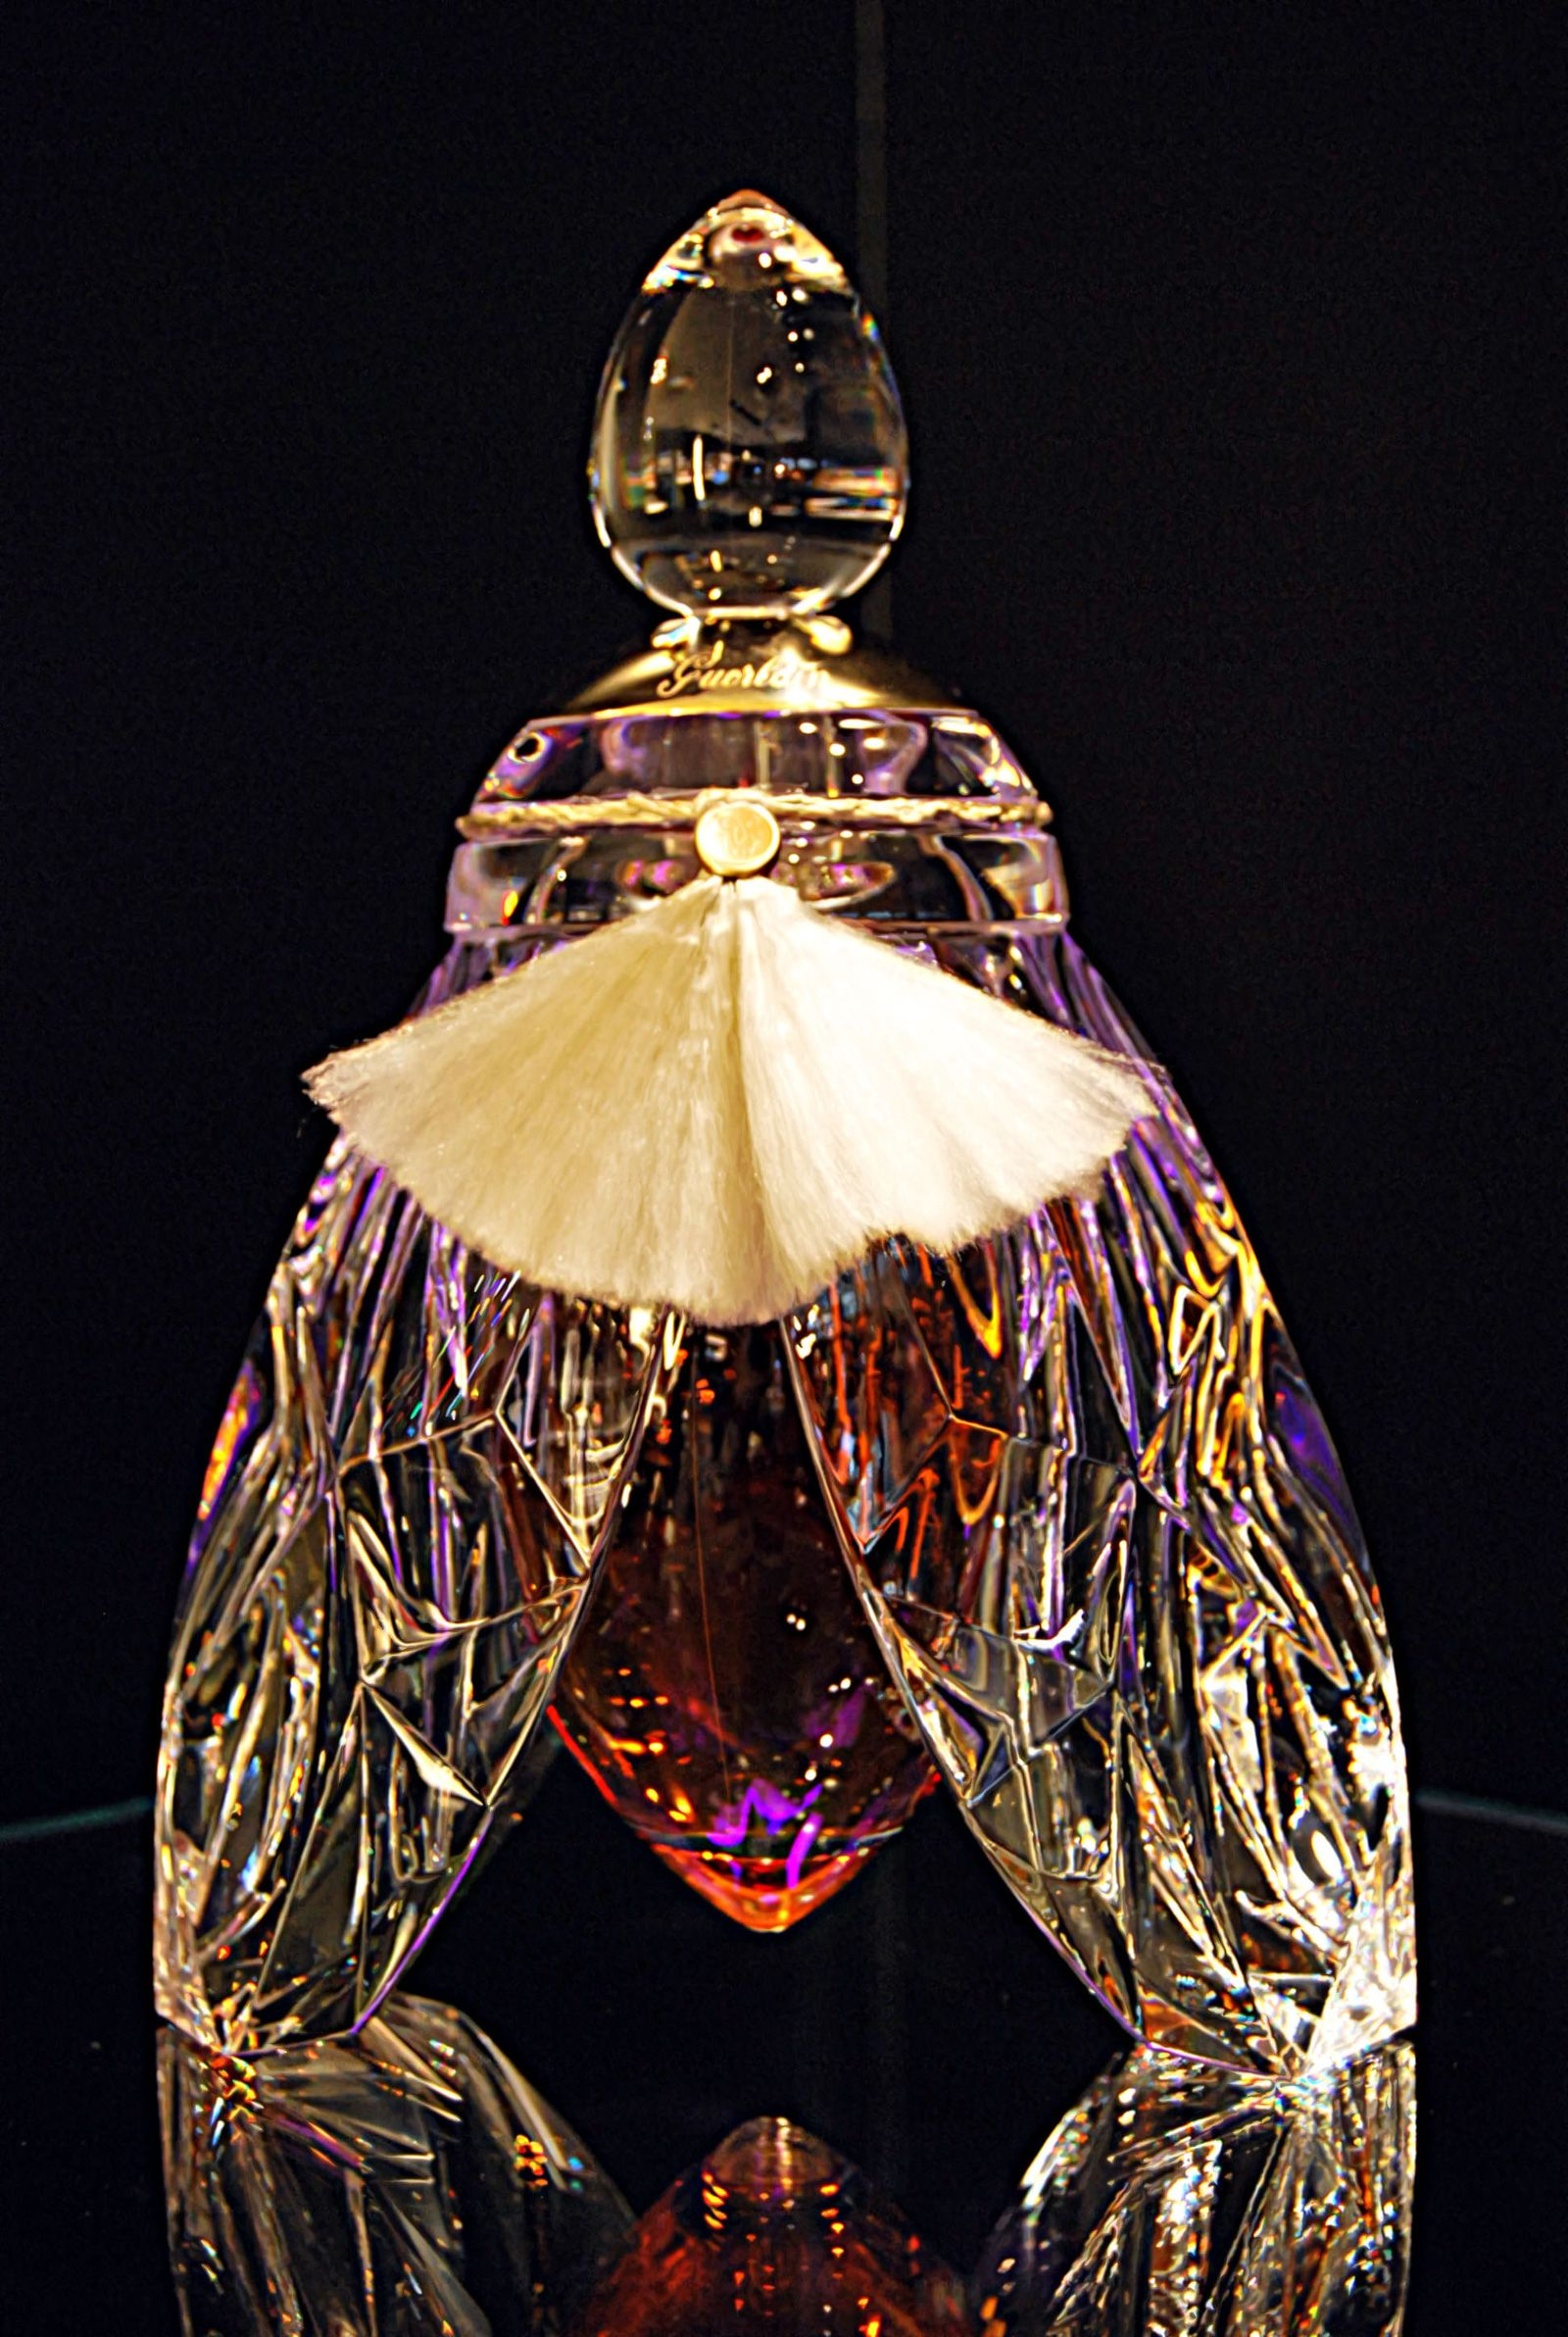 Labeille De Guerlain Luxury Fragrance An Exclusive Bottle Of